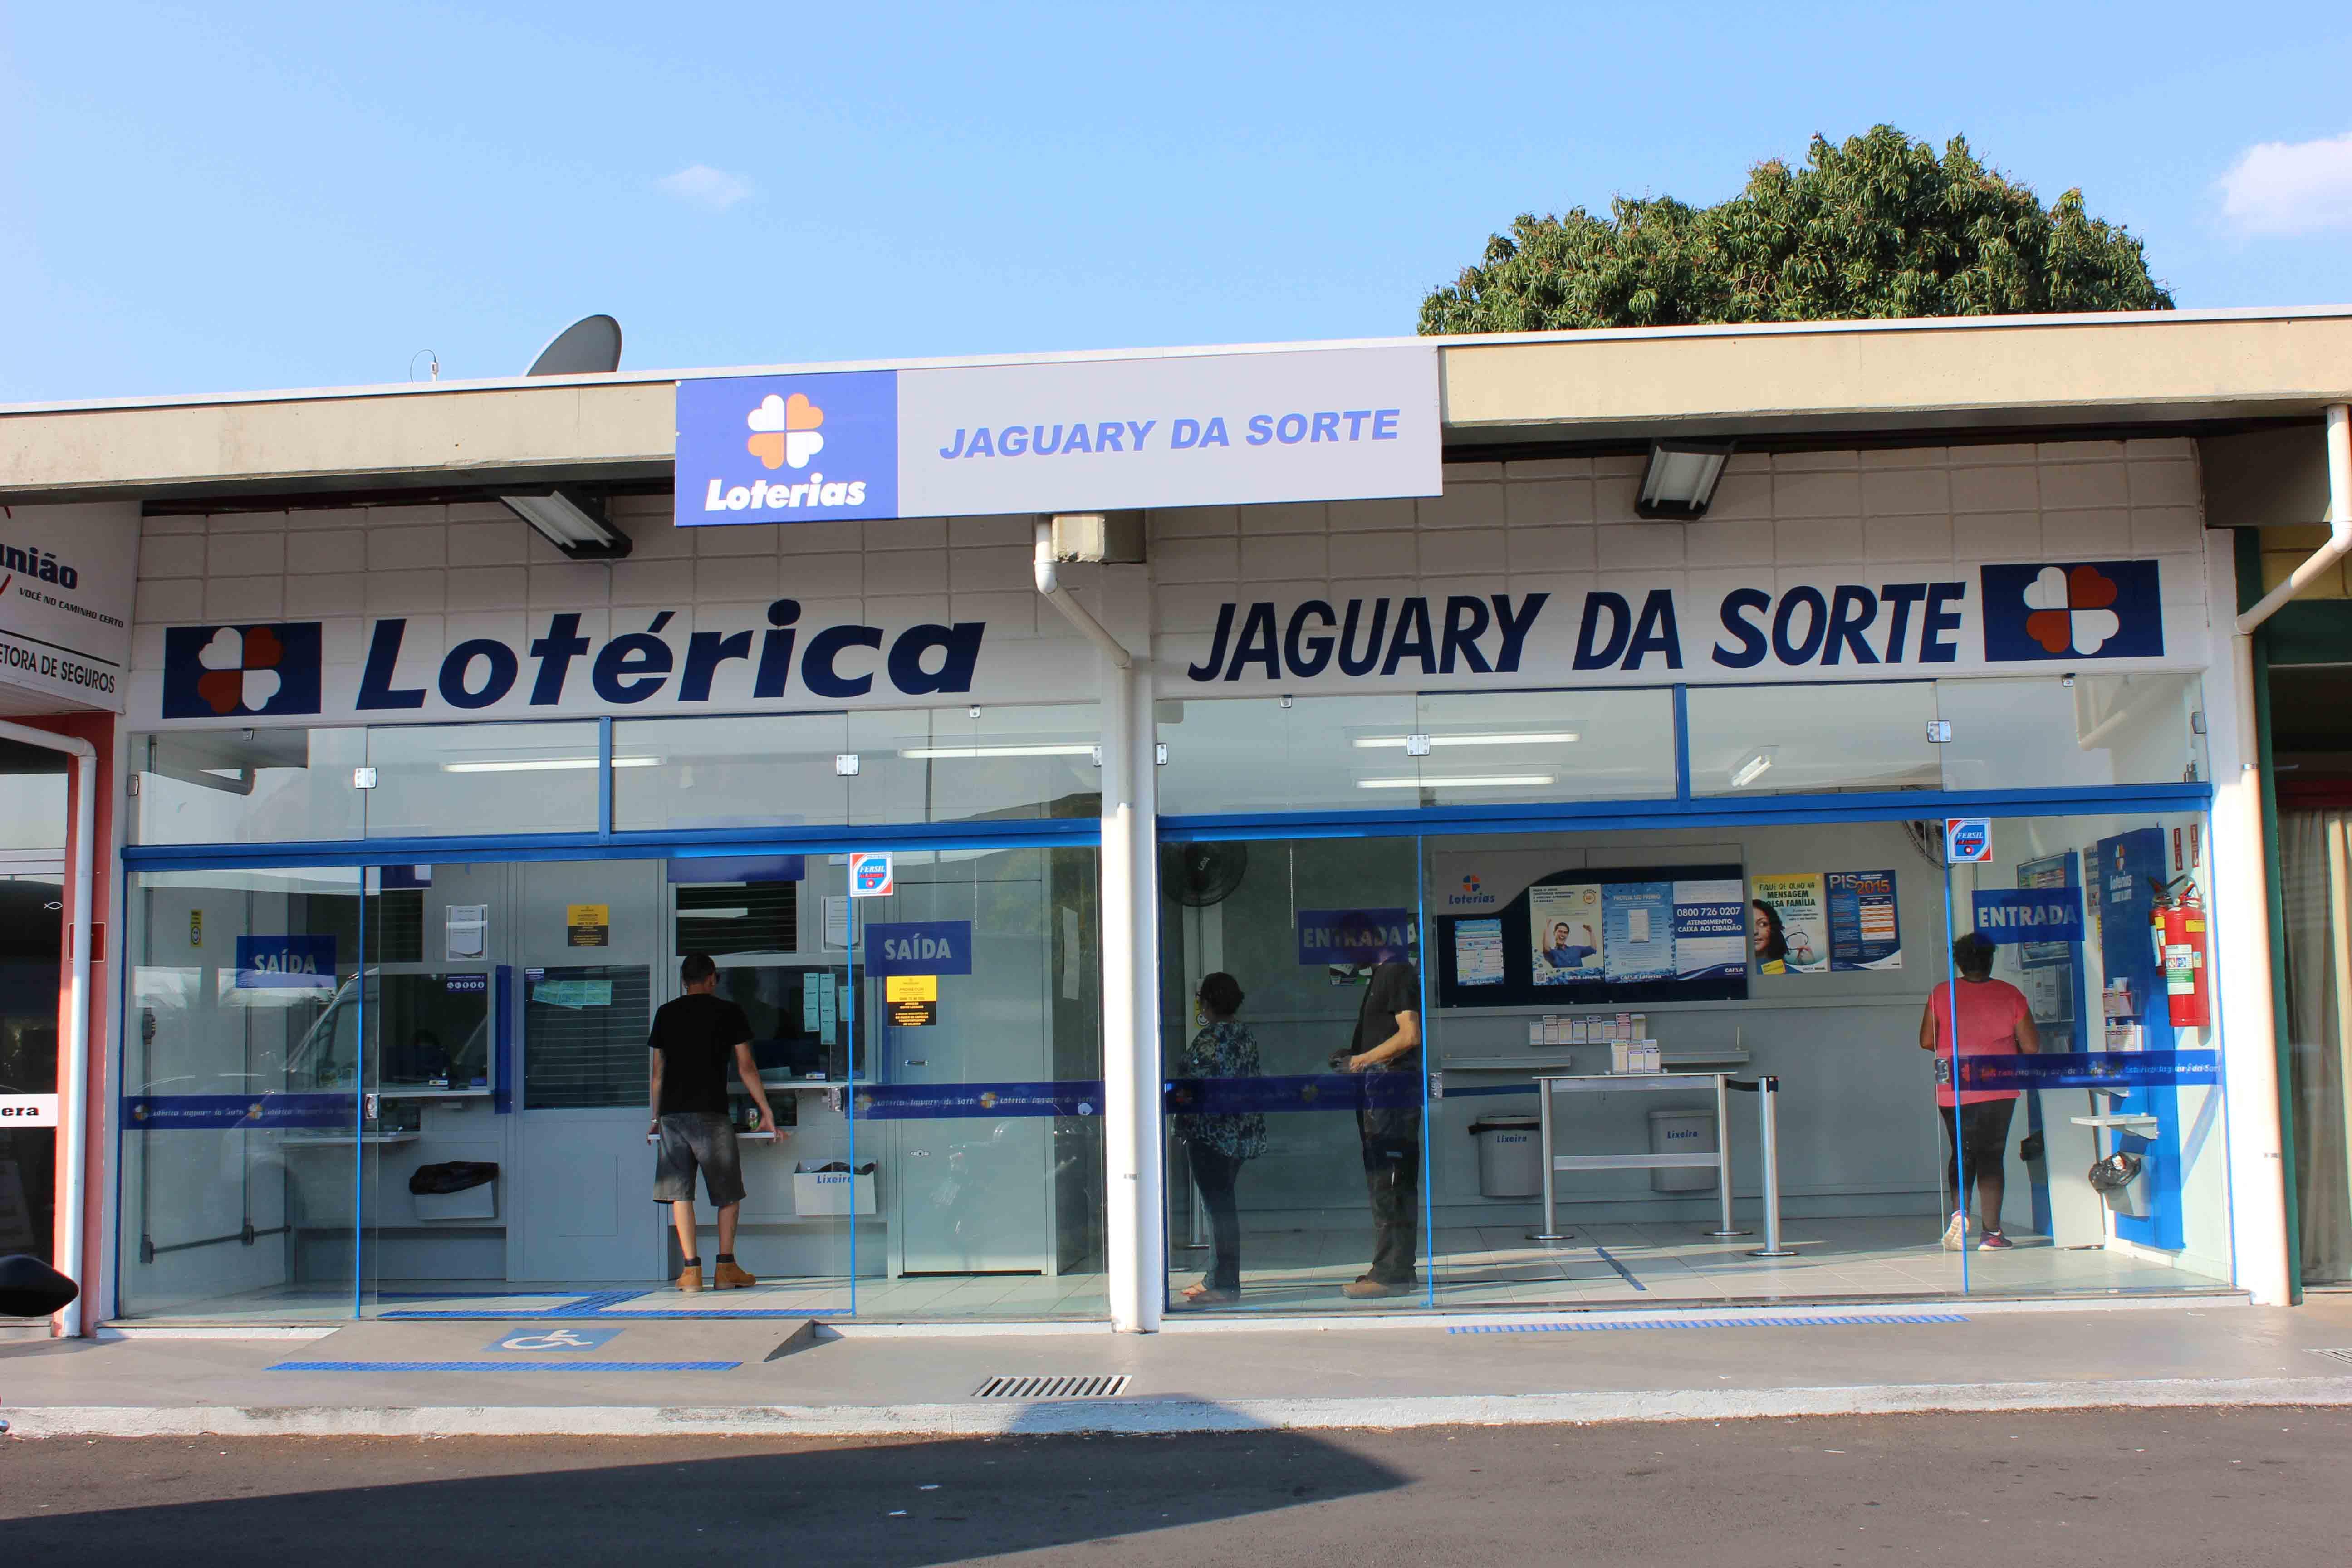 Casa Lotérica Jaguary da Sorte